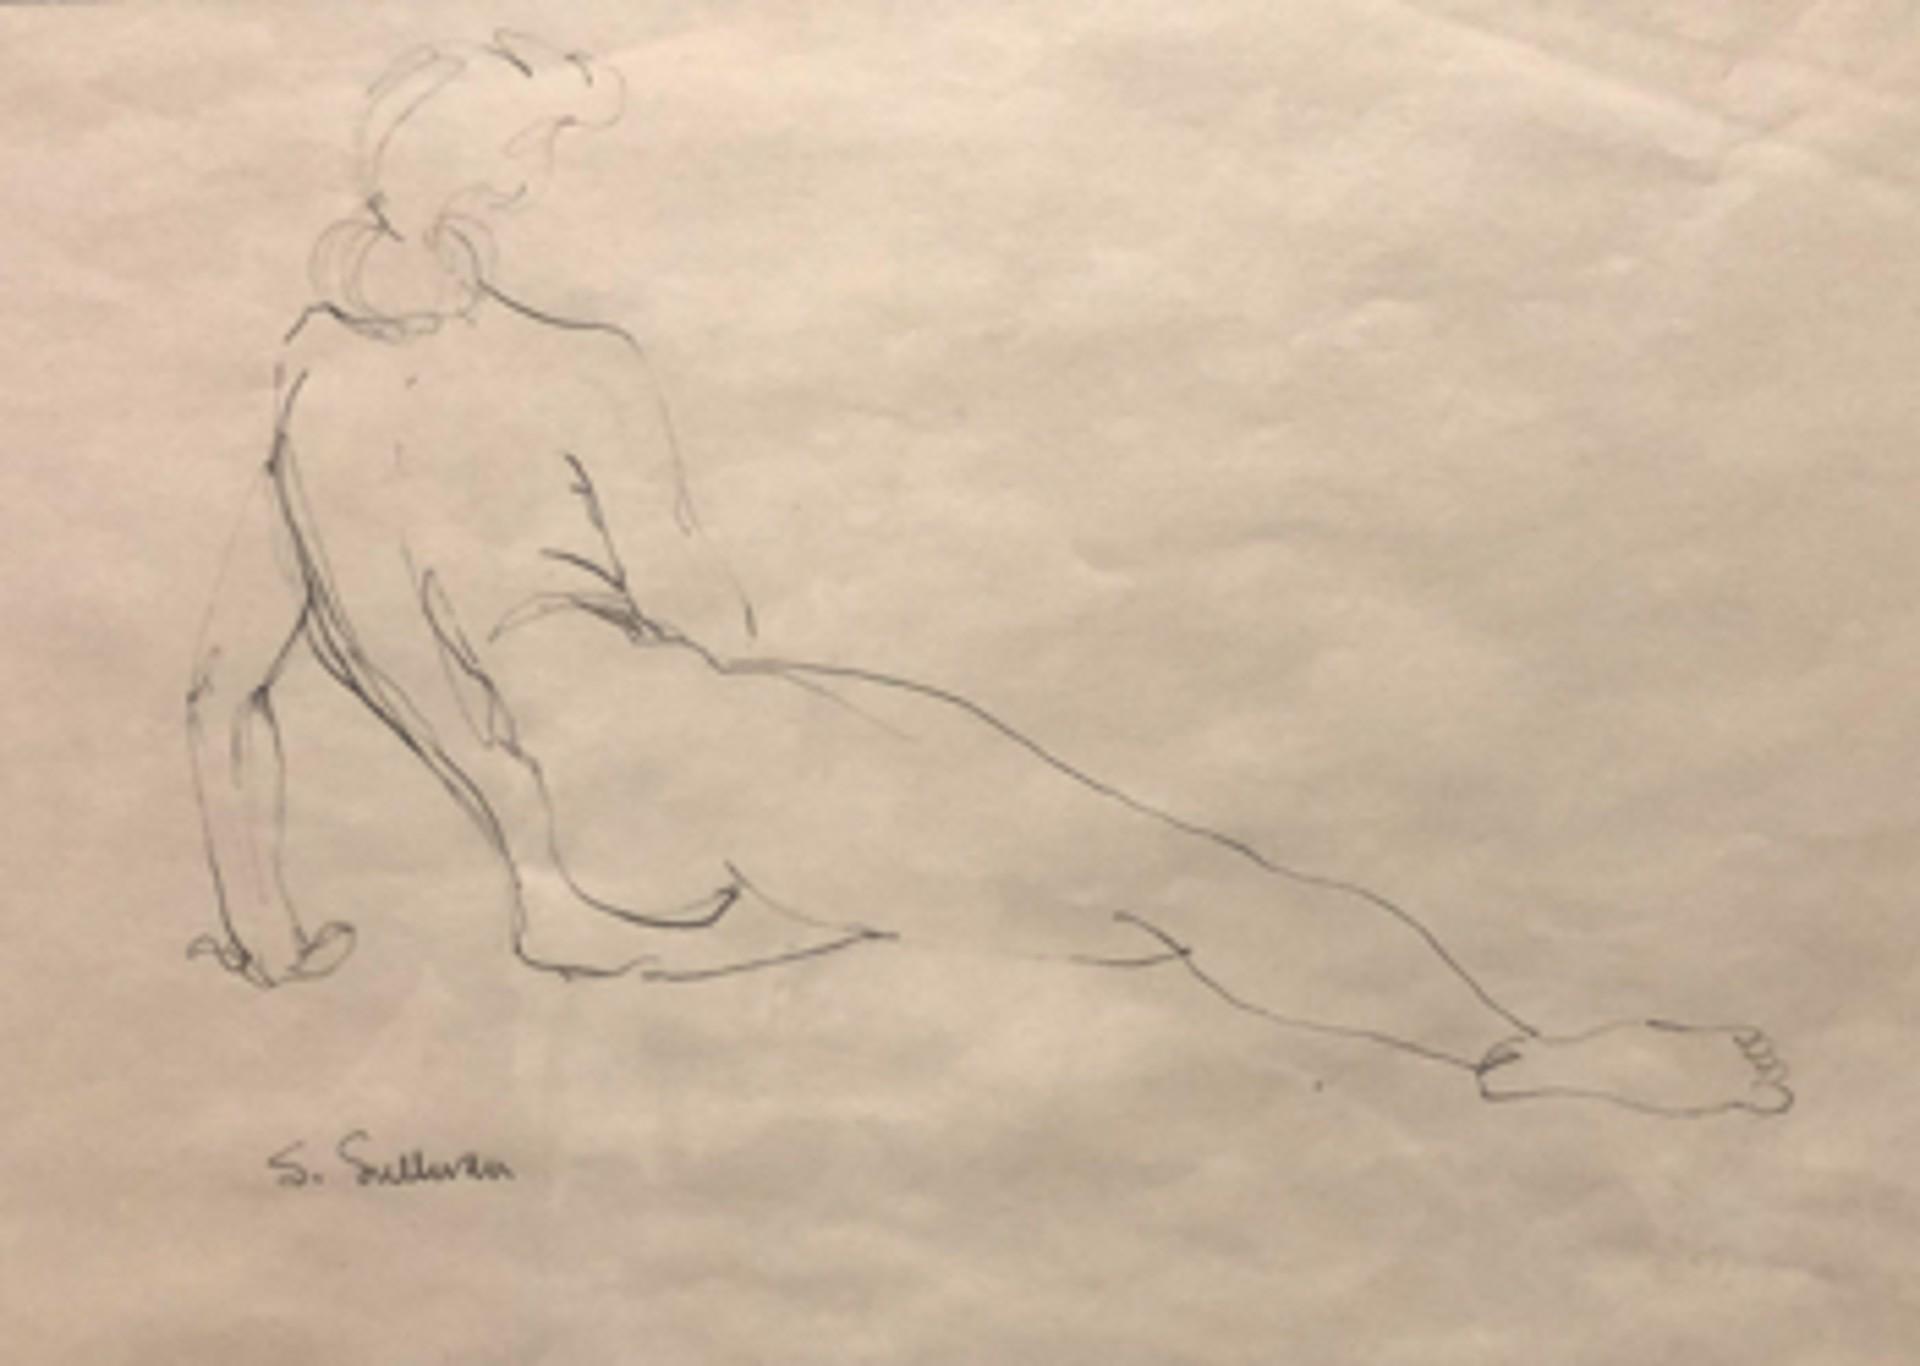 Nude Sketch 3 by Stella Sullivan